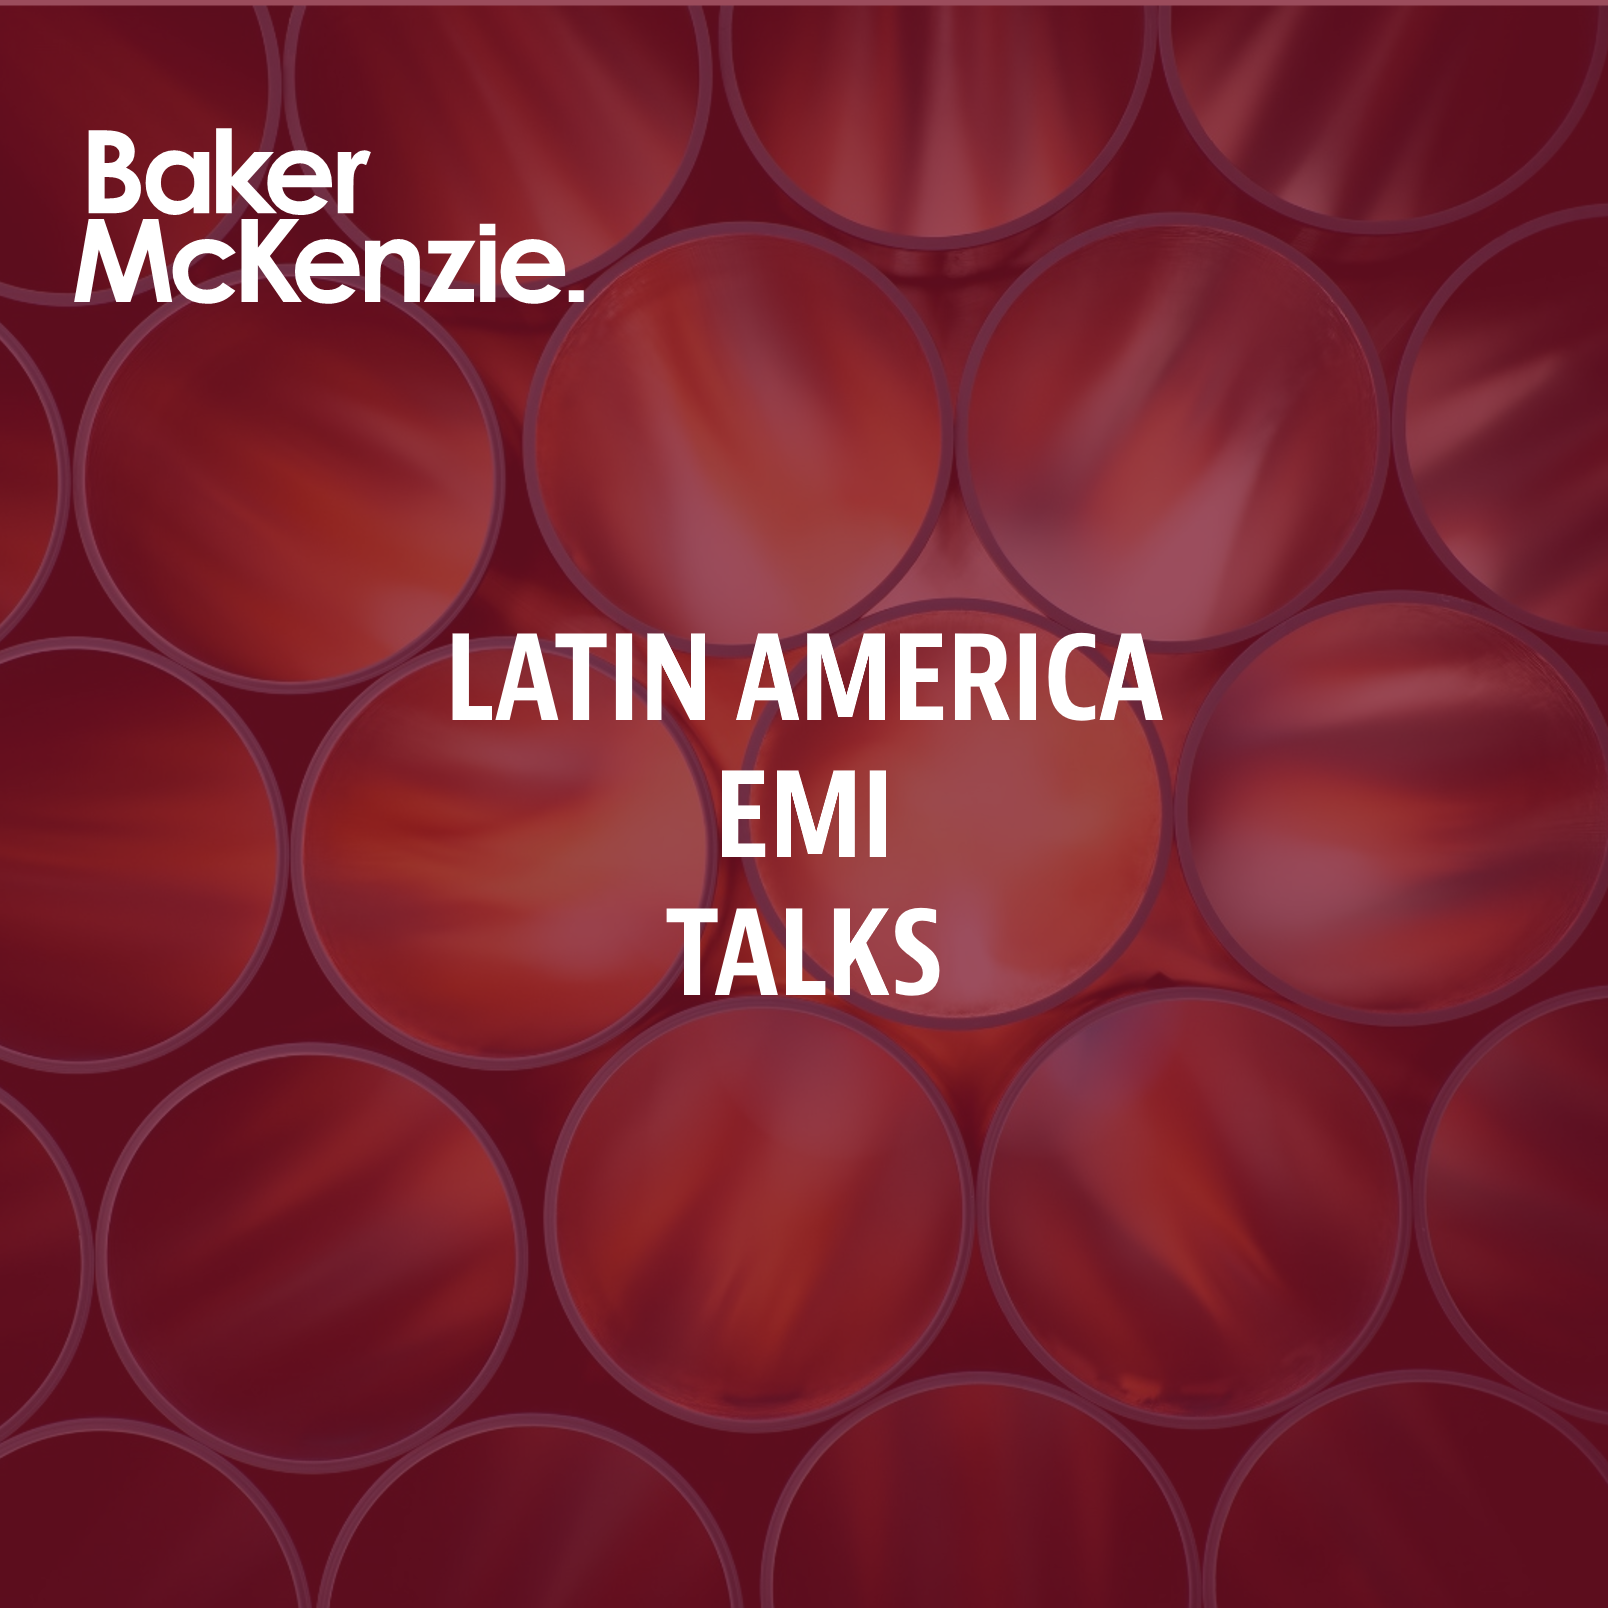 Latin America EMI Talks show art